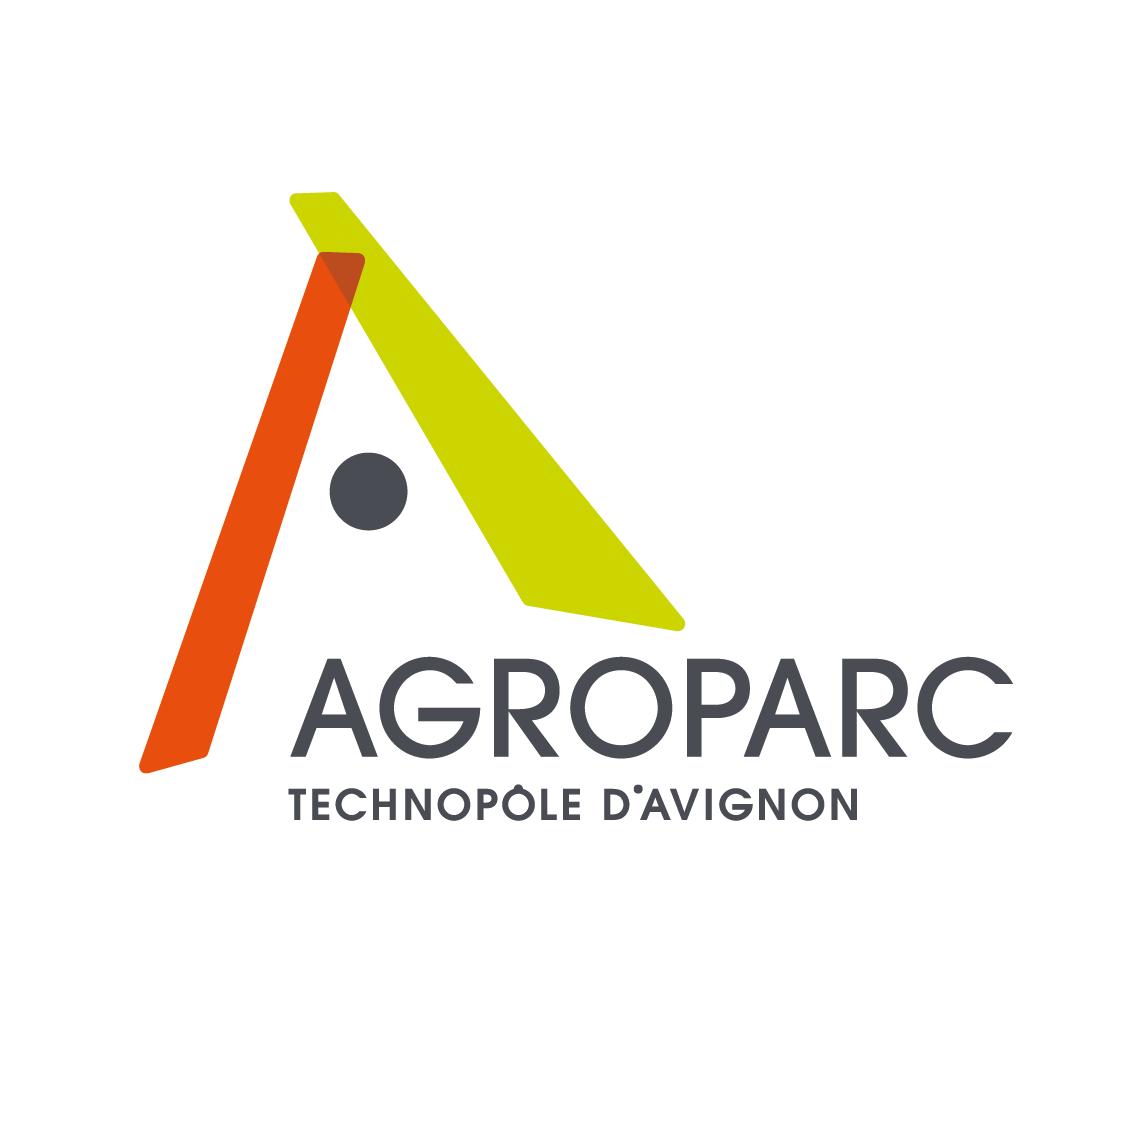 Logo agroparc